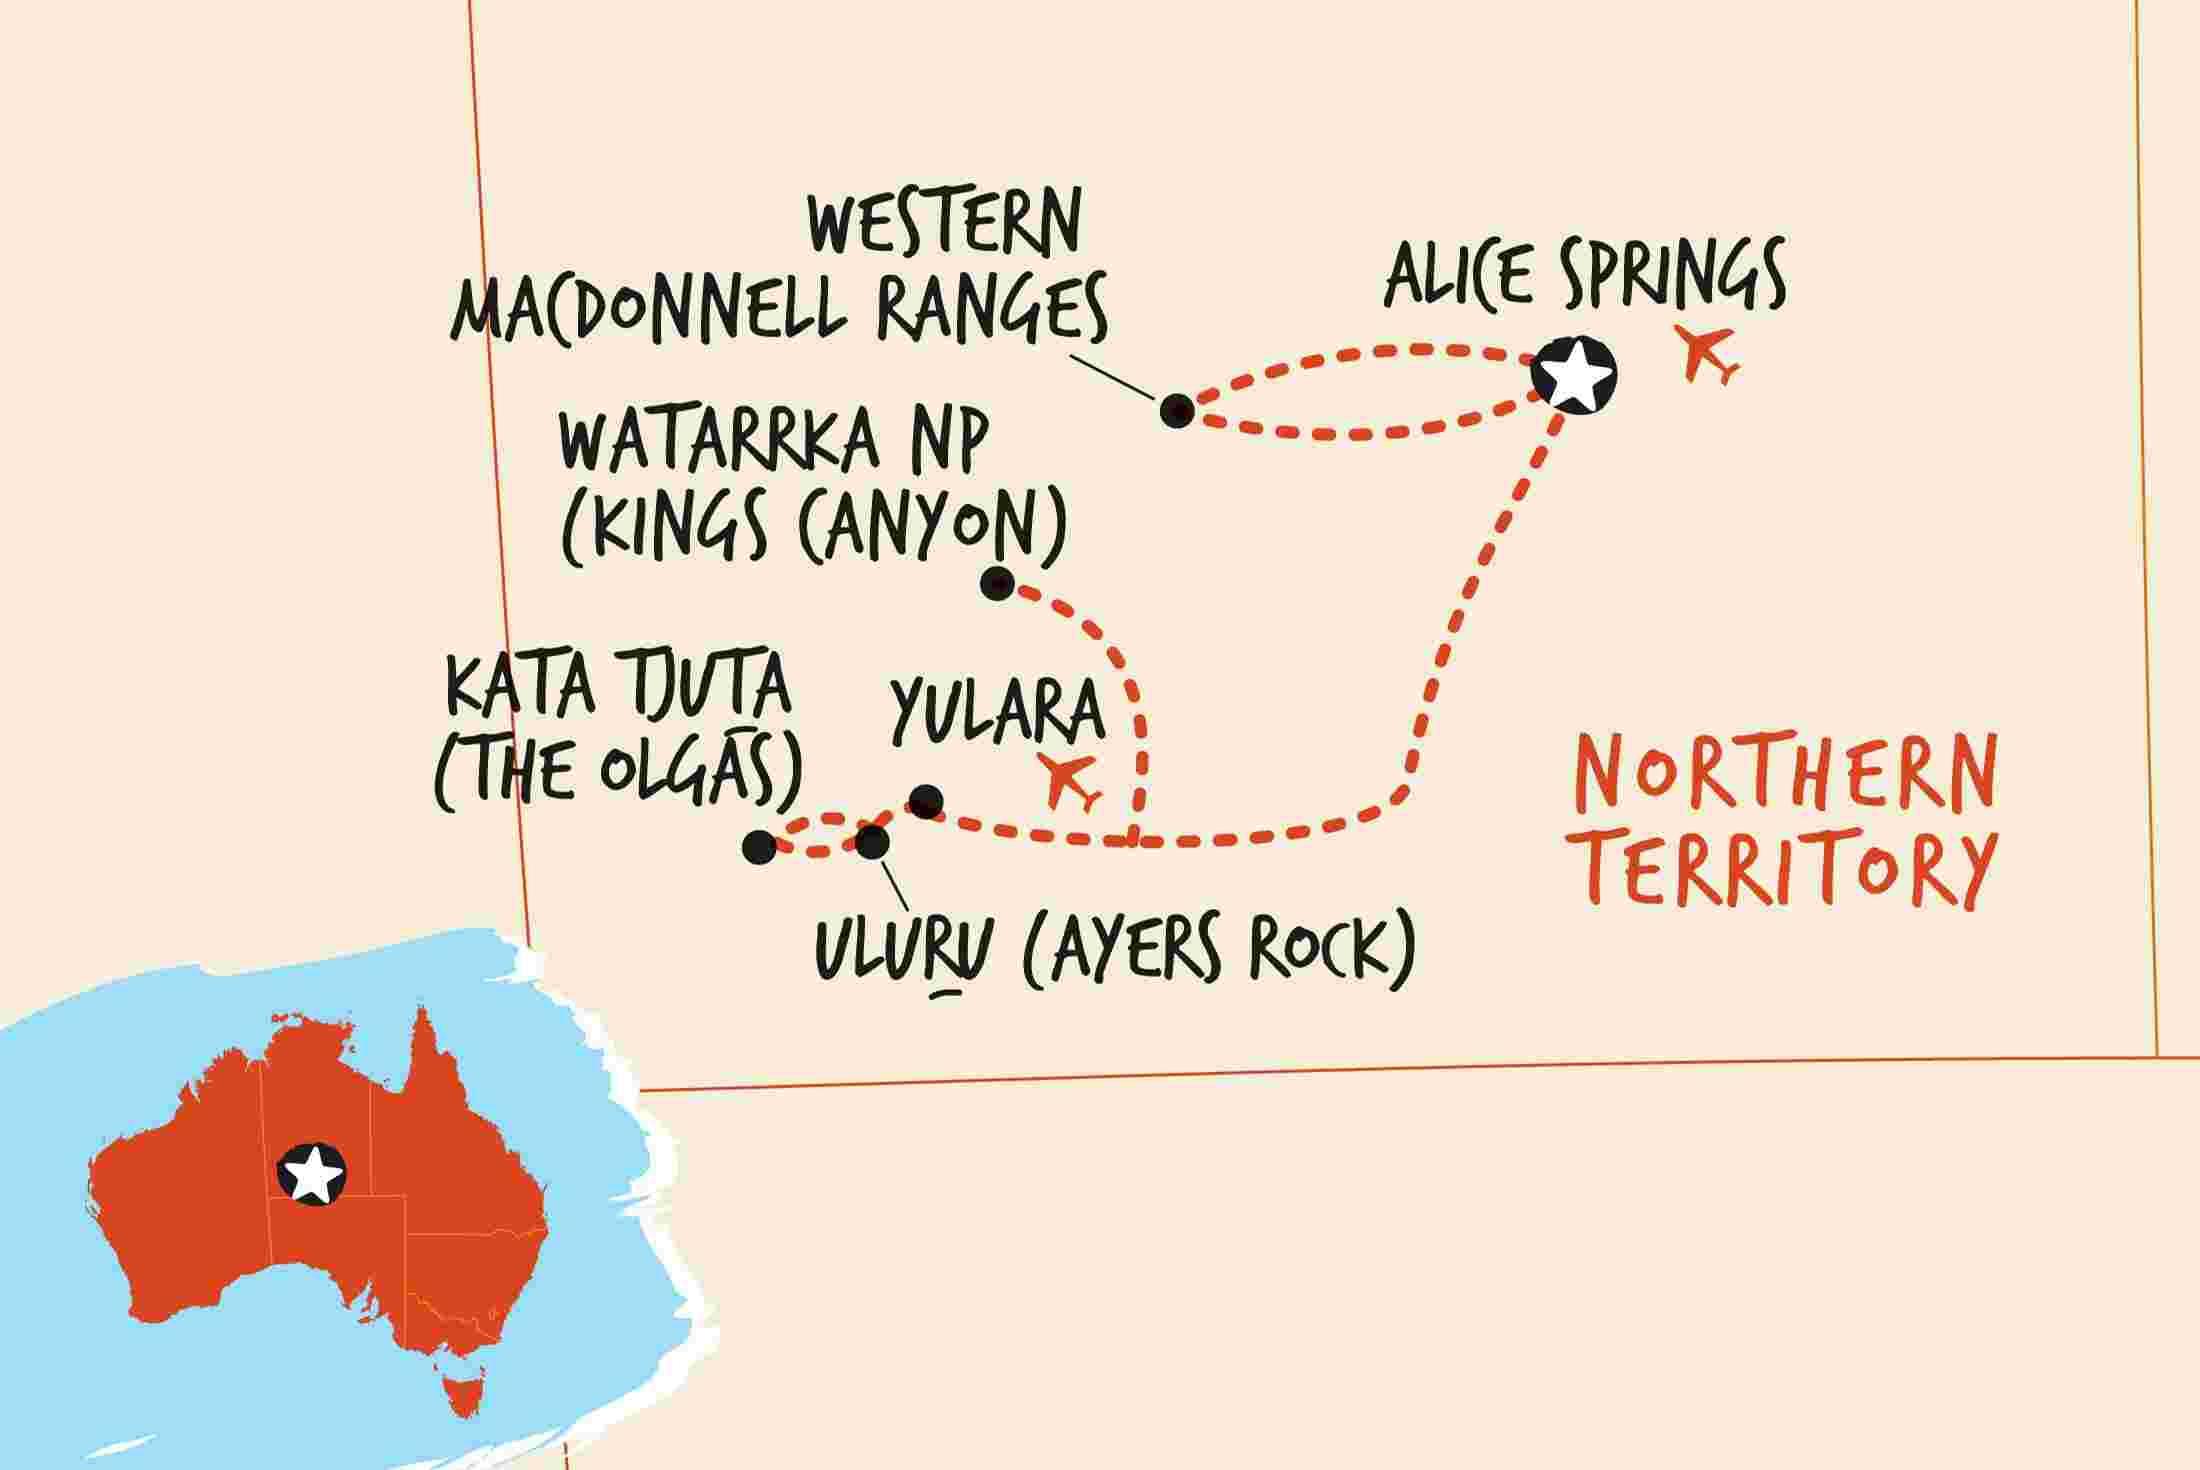 Adventure Tours, Small Group Tours & Trips | Adventure Tours Australia